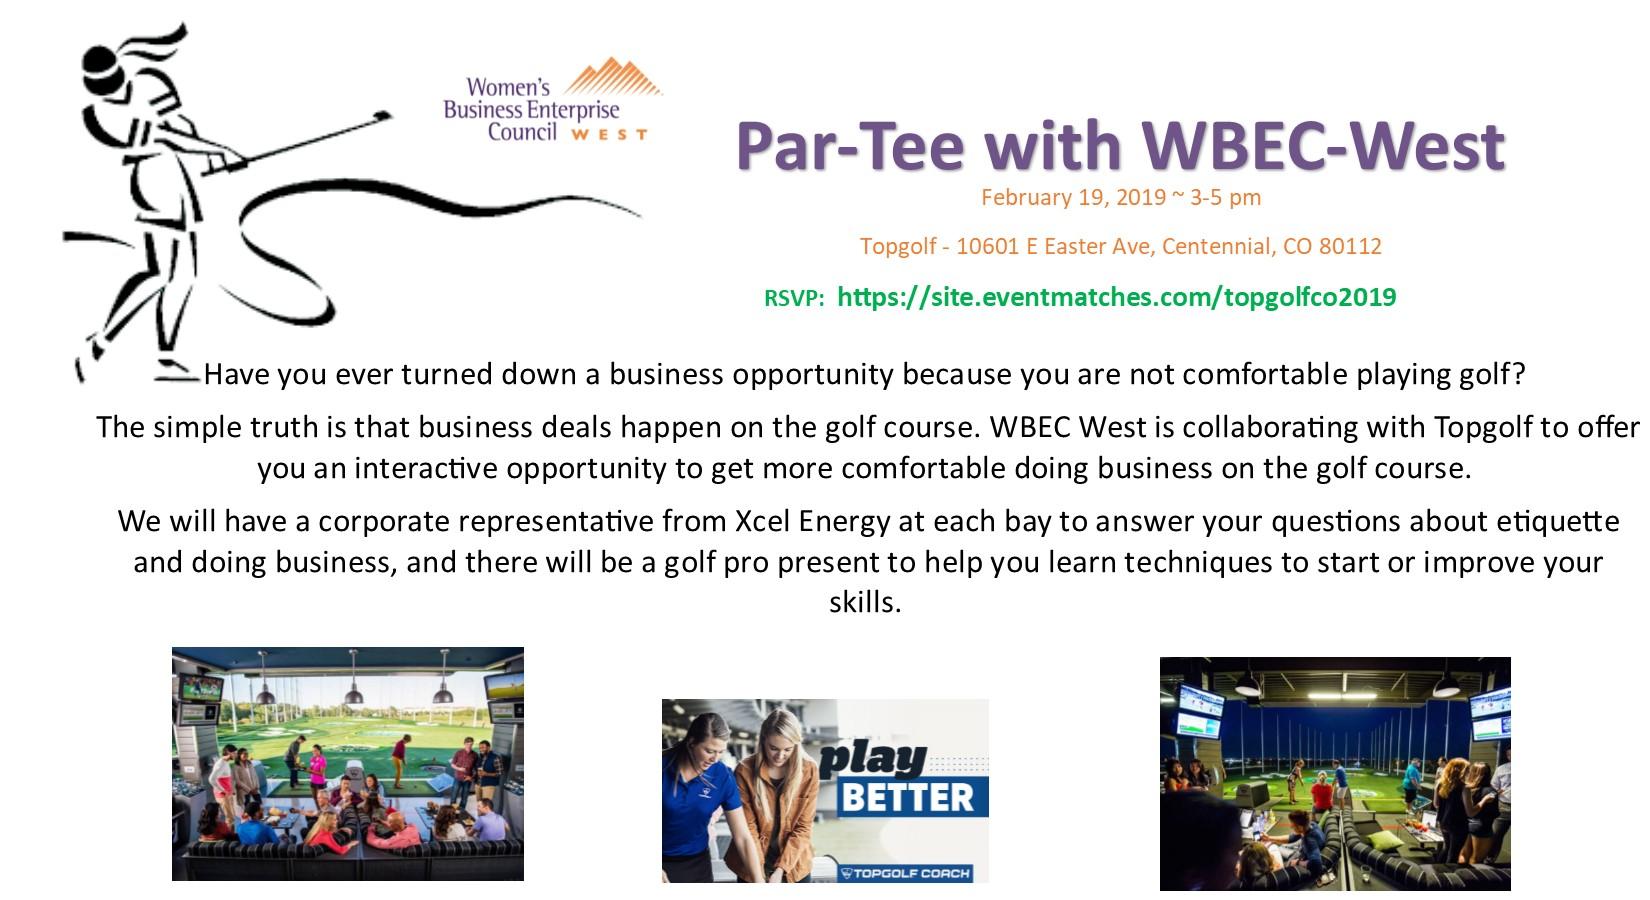 Par-Tee with WBEC-West